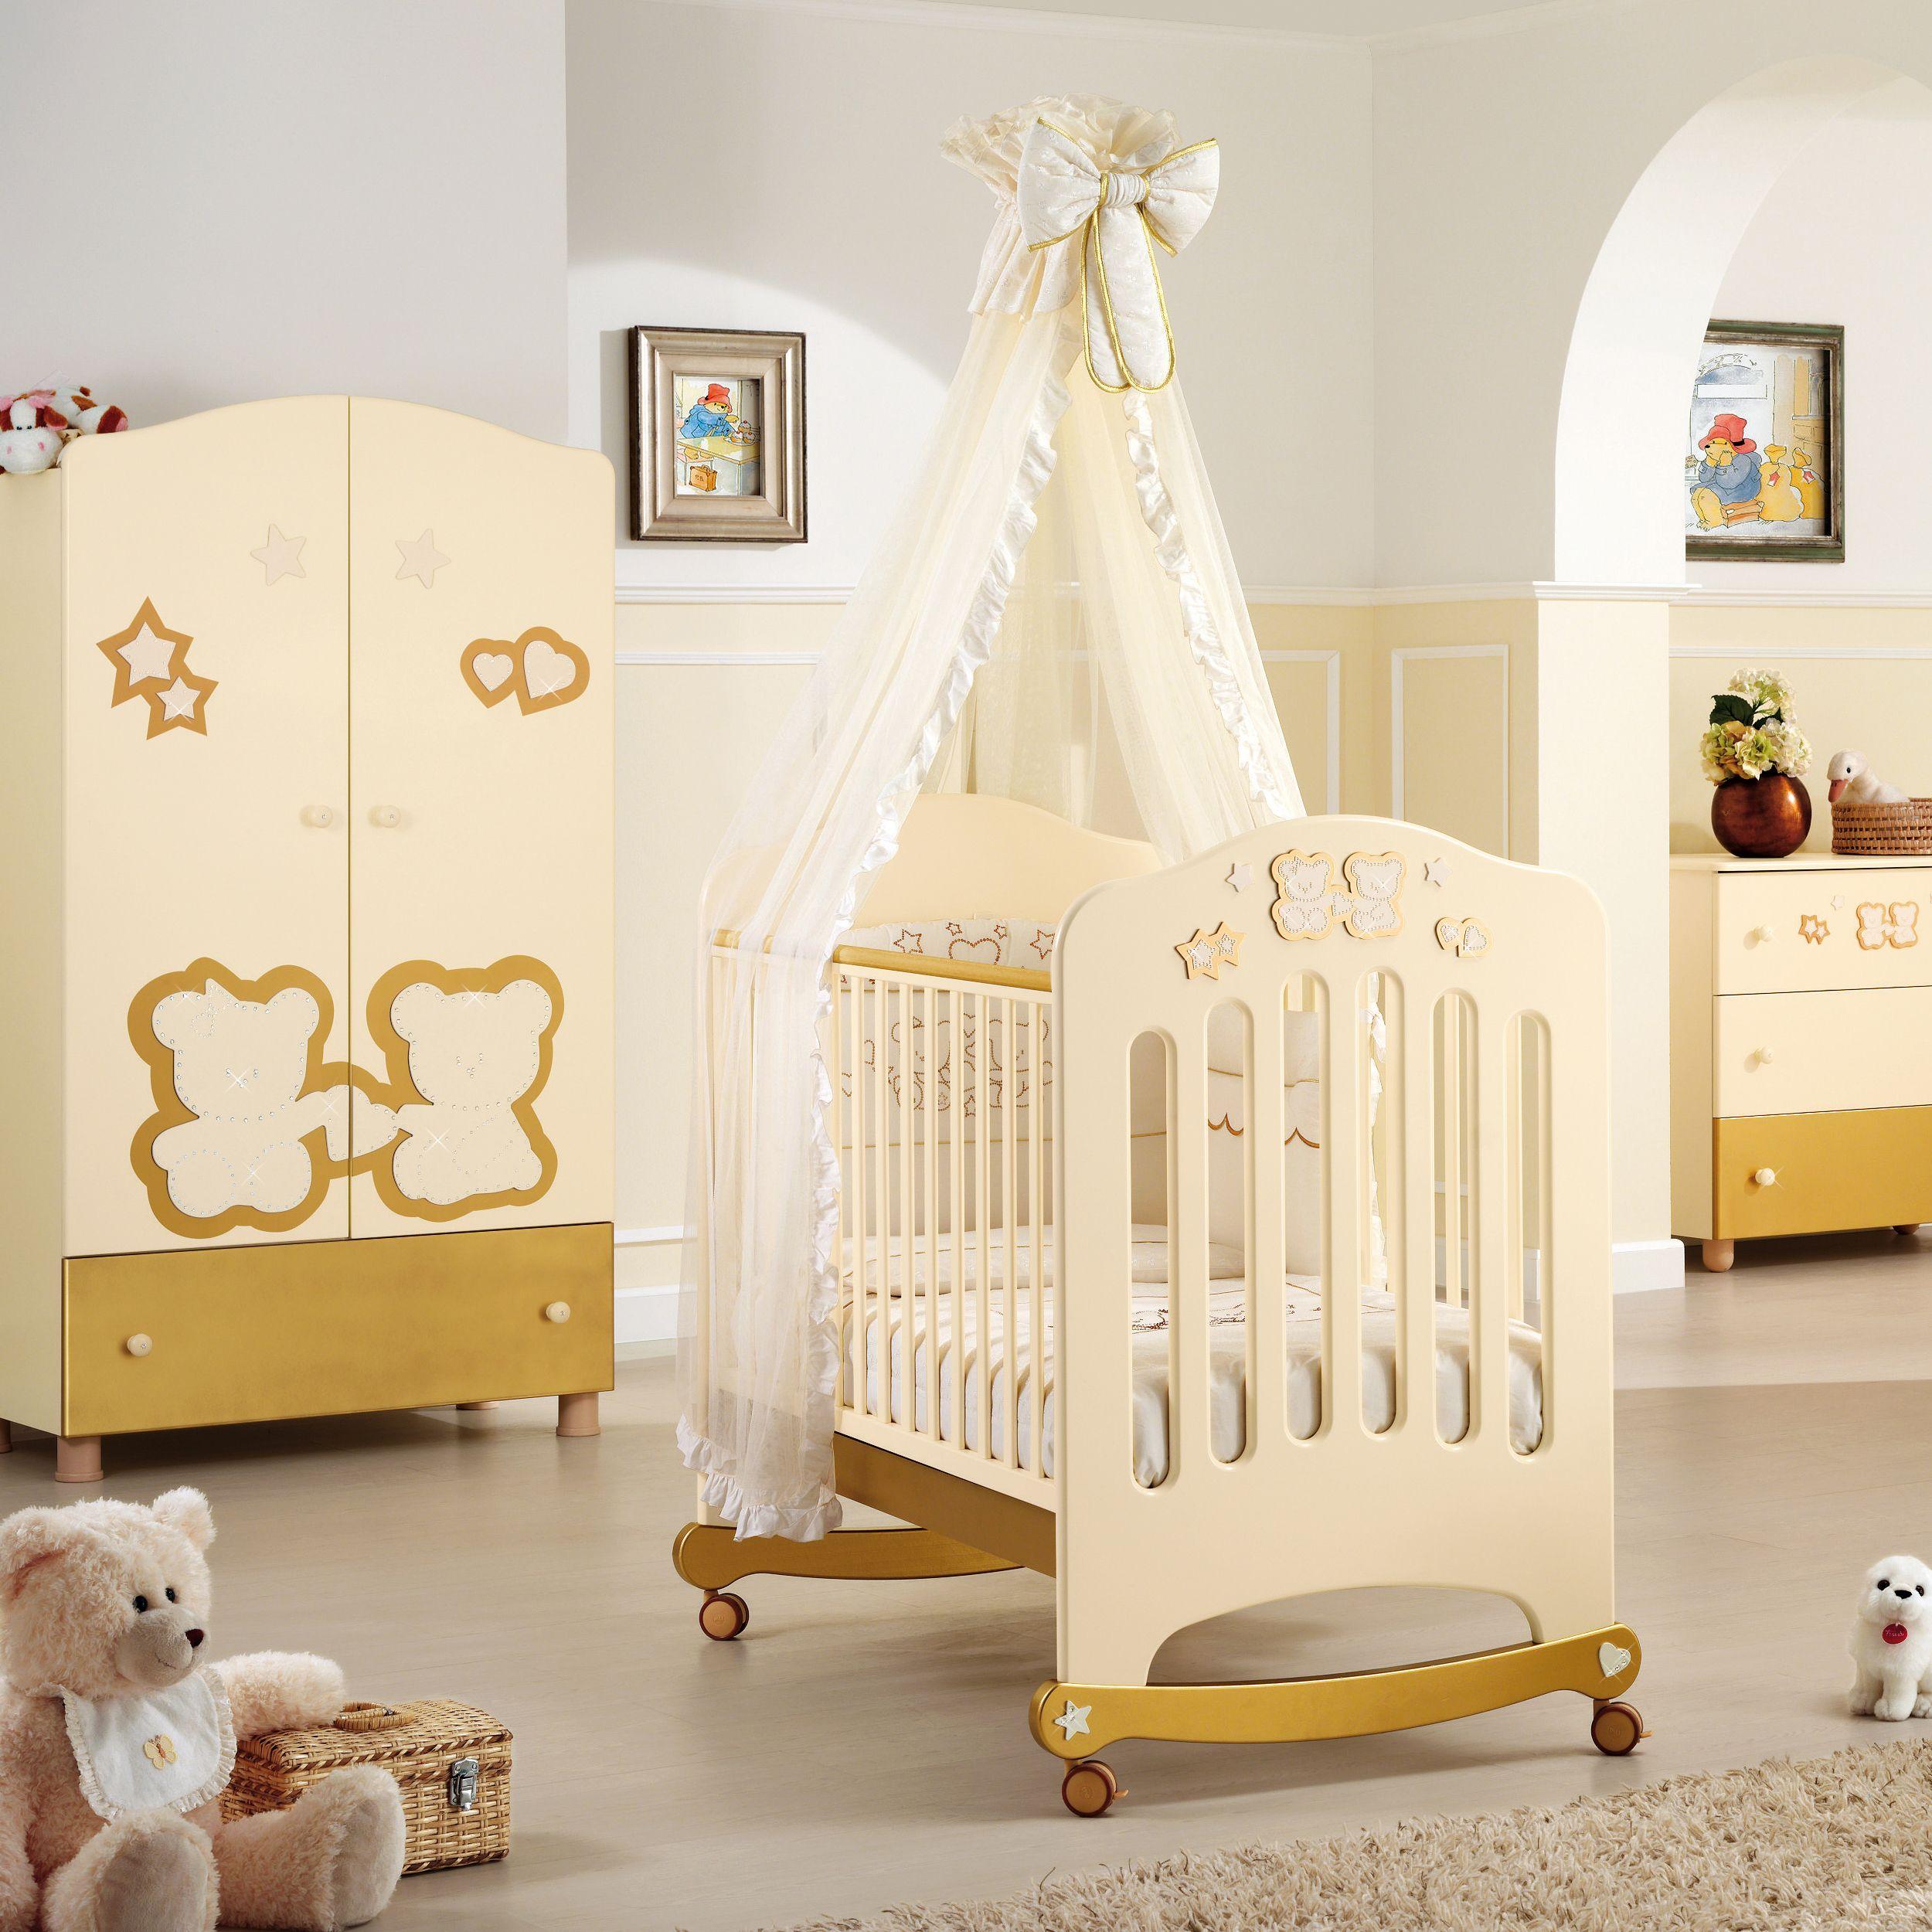 In Unserem Baby Onlineshop Finden Sie Hochwertige Kindermöbel,  Kinderbetten, Baby Hochstühle, Pali Kinderzimmer, Wickeltische   Bequem  Online Bestellen U0026 ...